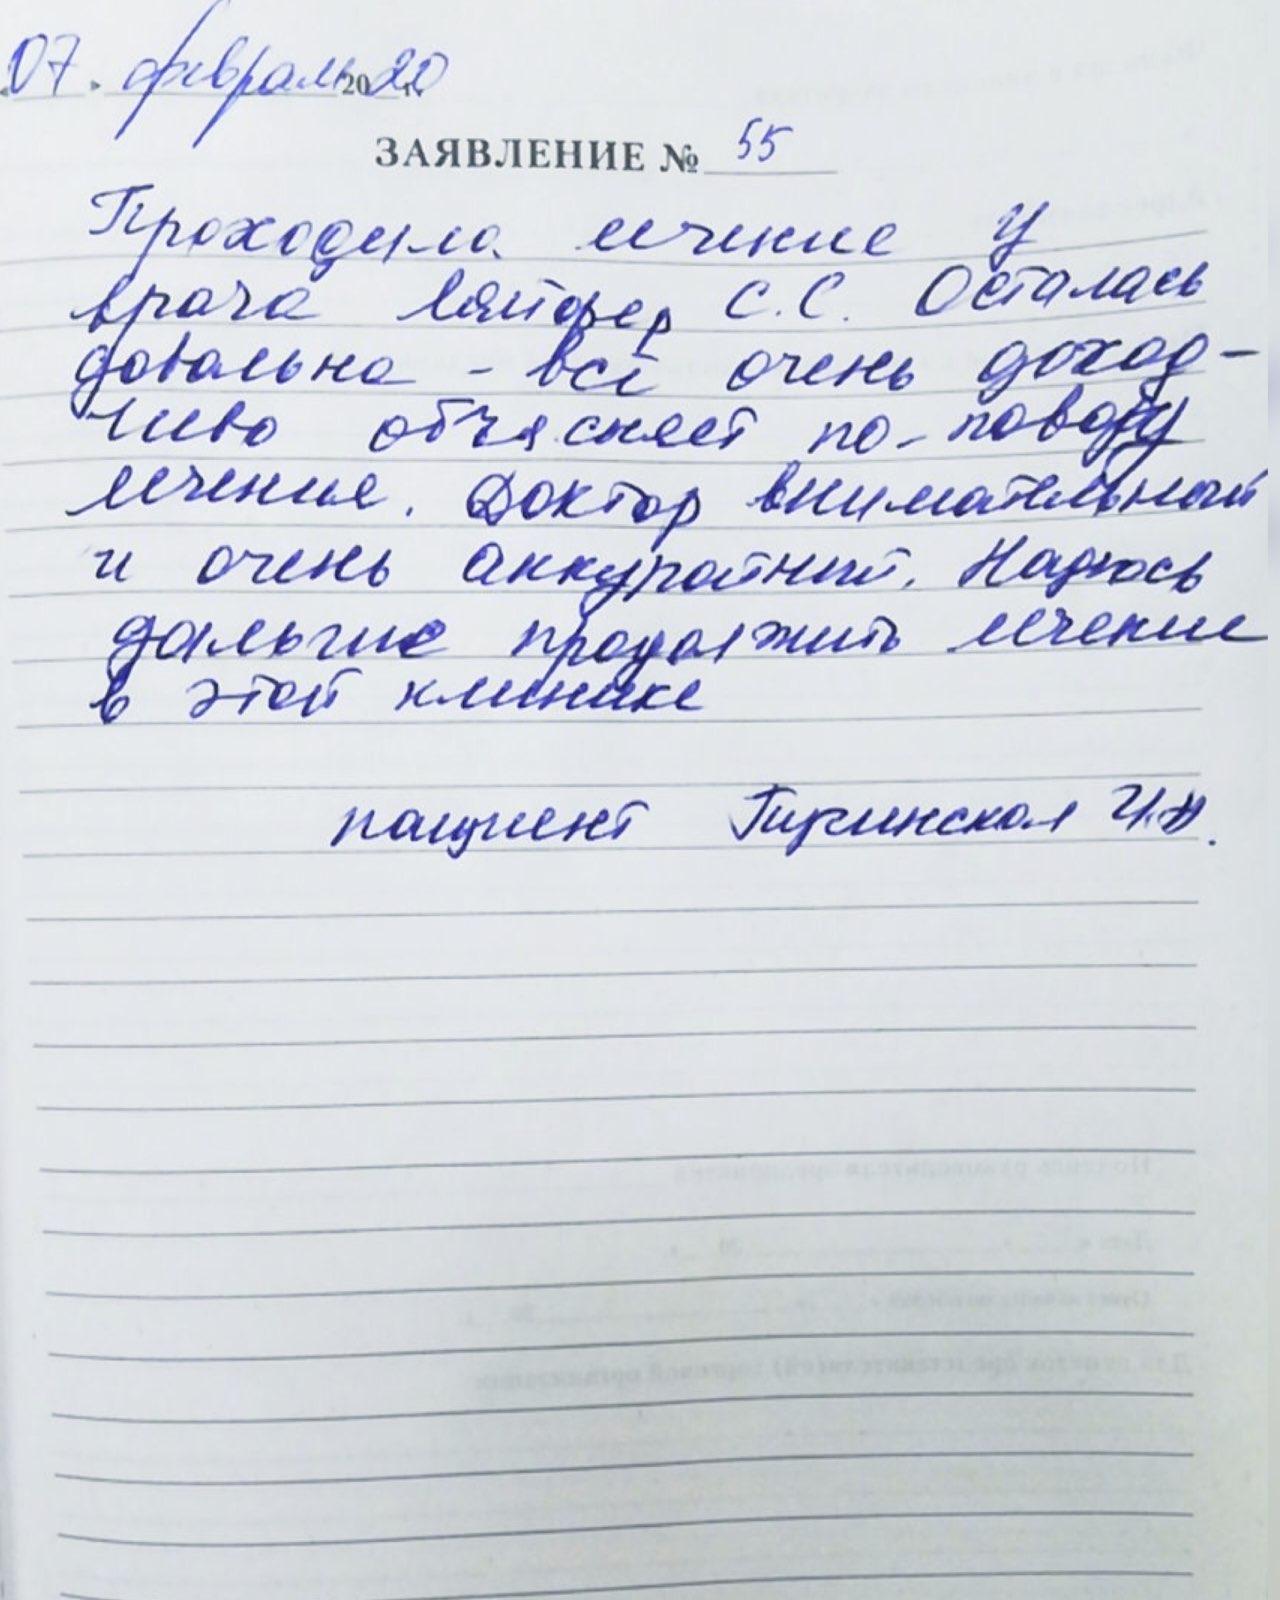 <em>Редактировать Отзыв</em> Инна Алексеевна. Стоматология Фларт